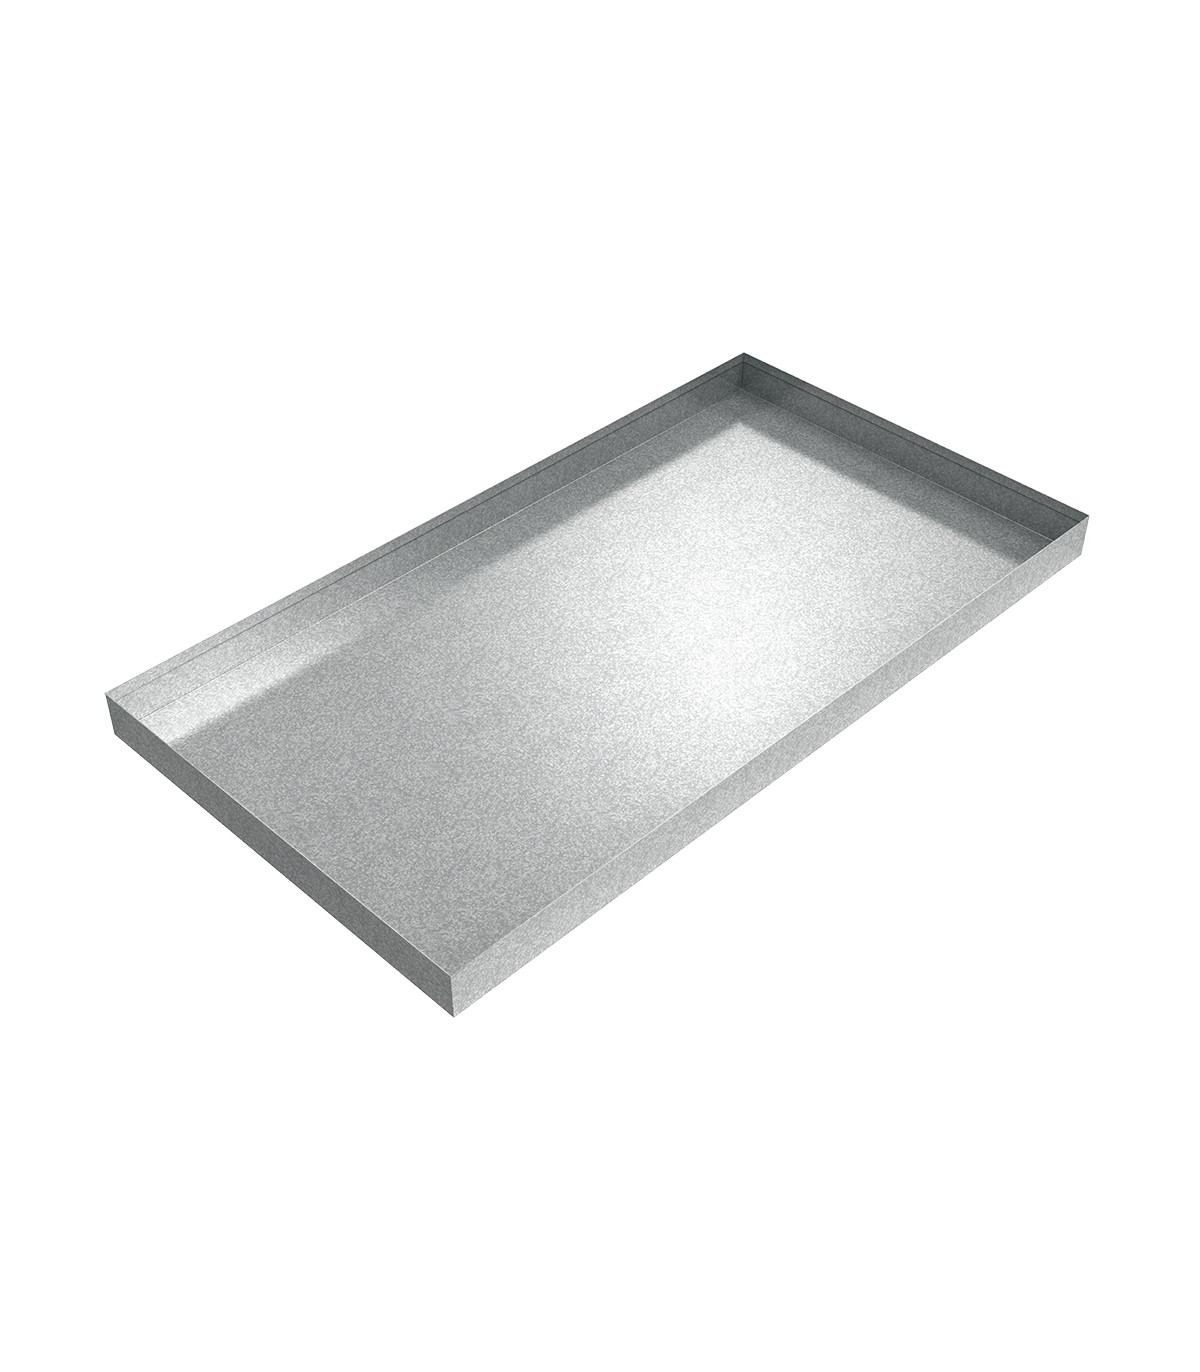 Paint Filter Drip Pan